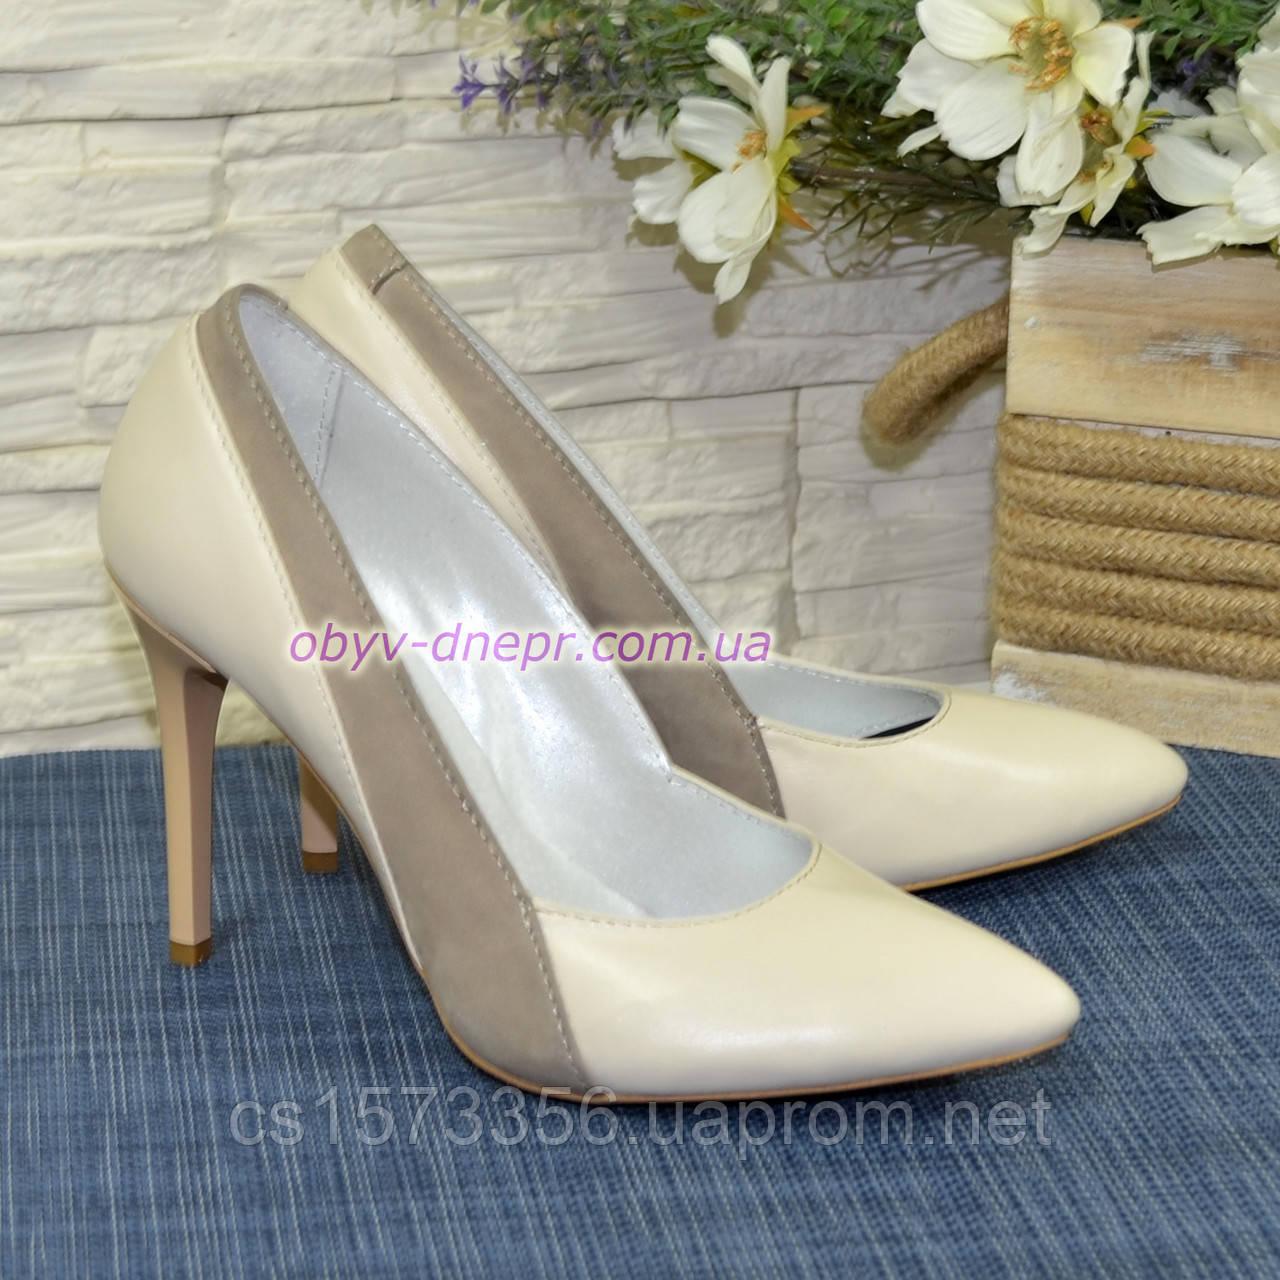 Классические женские туфли на шпильке, цвет бежевый/визон